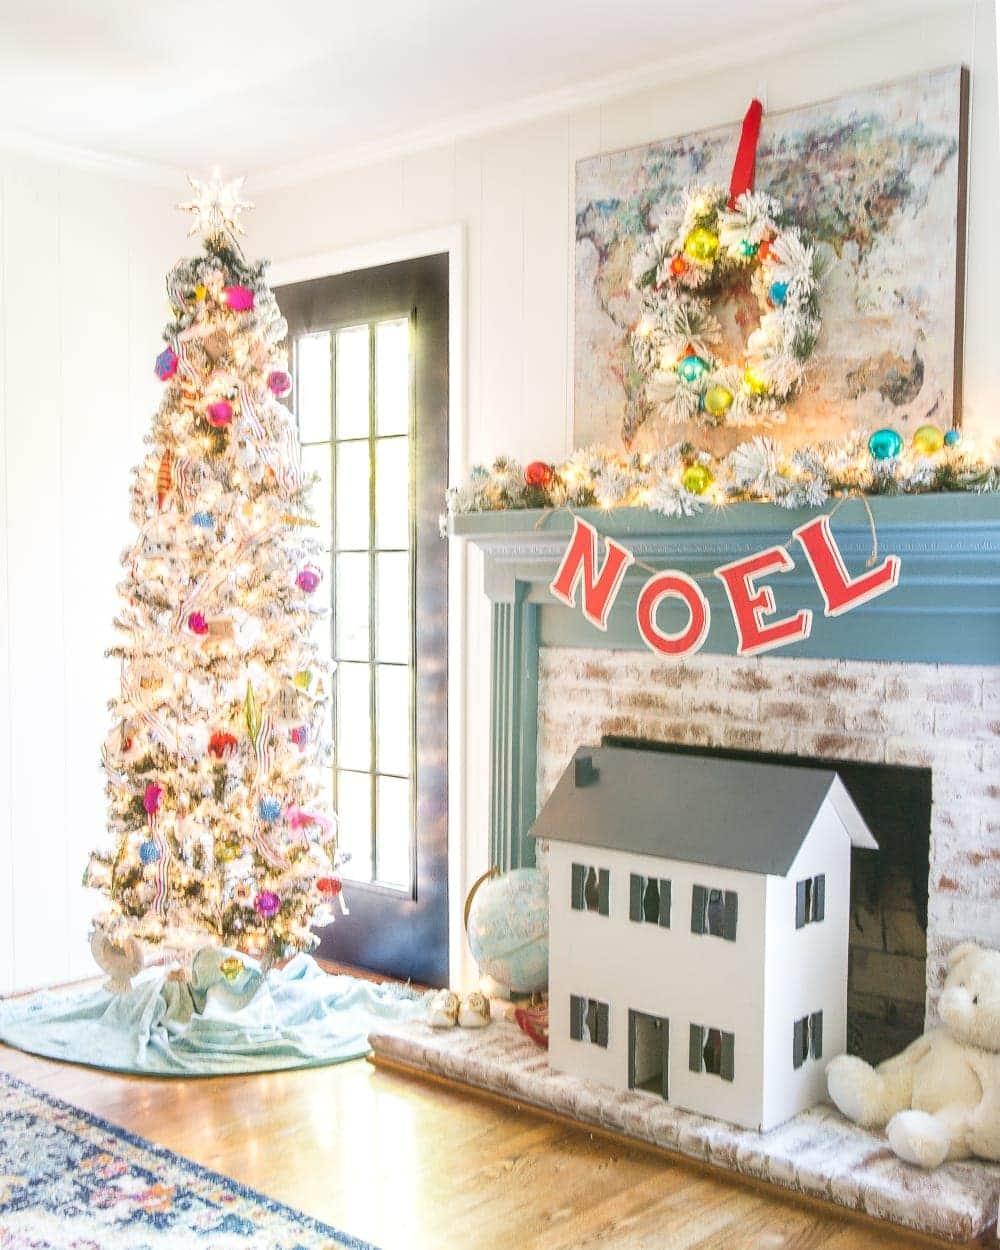 Playroom fireplace and Christmas tree